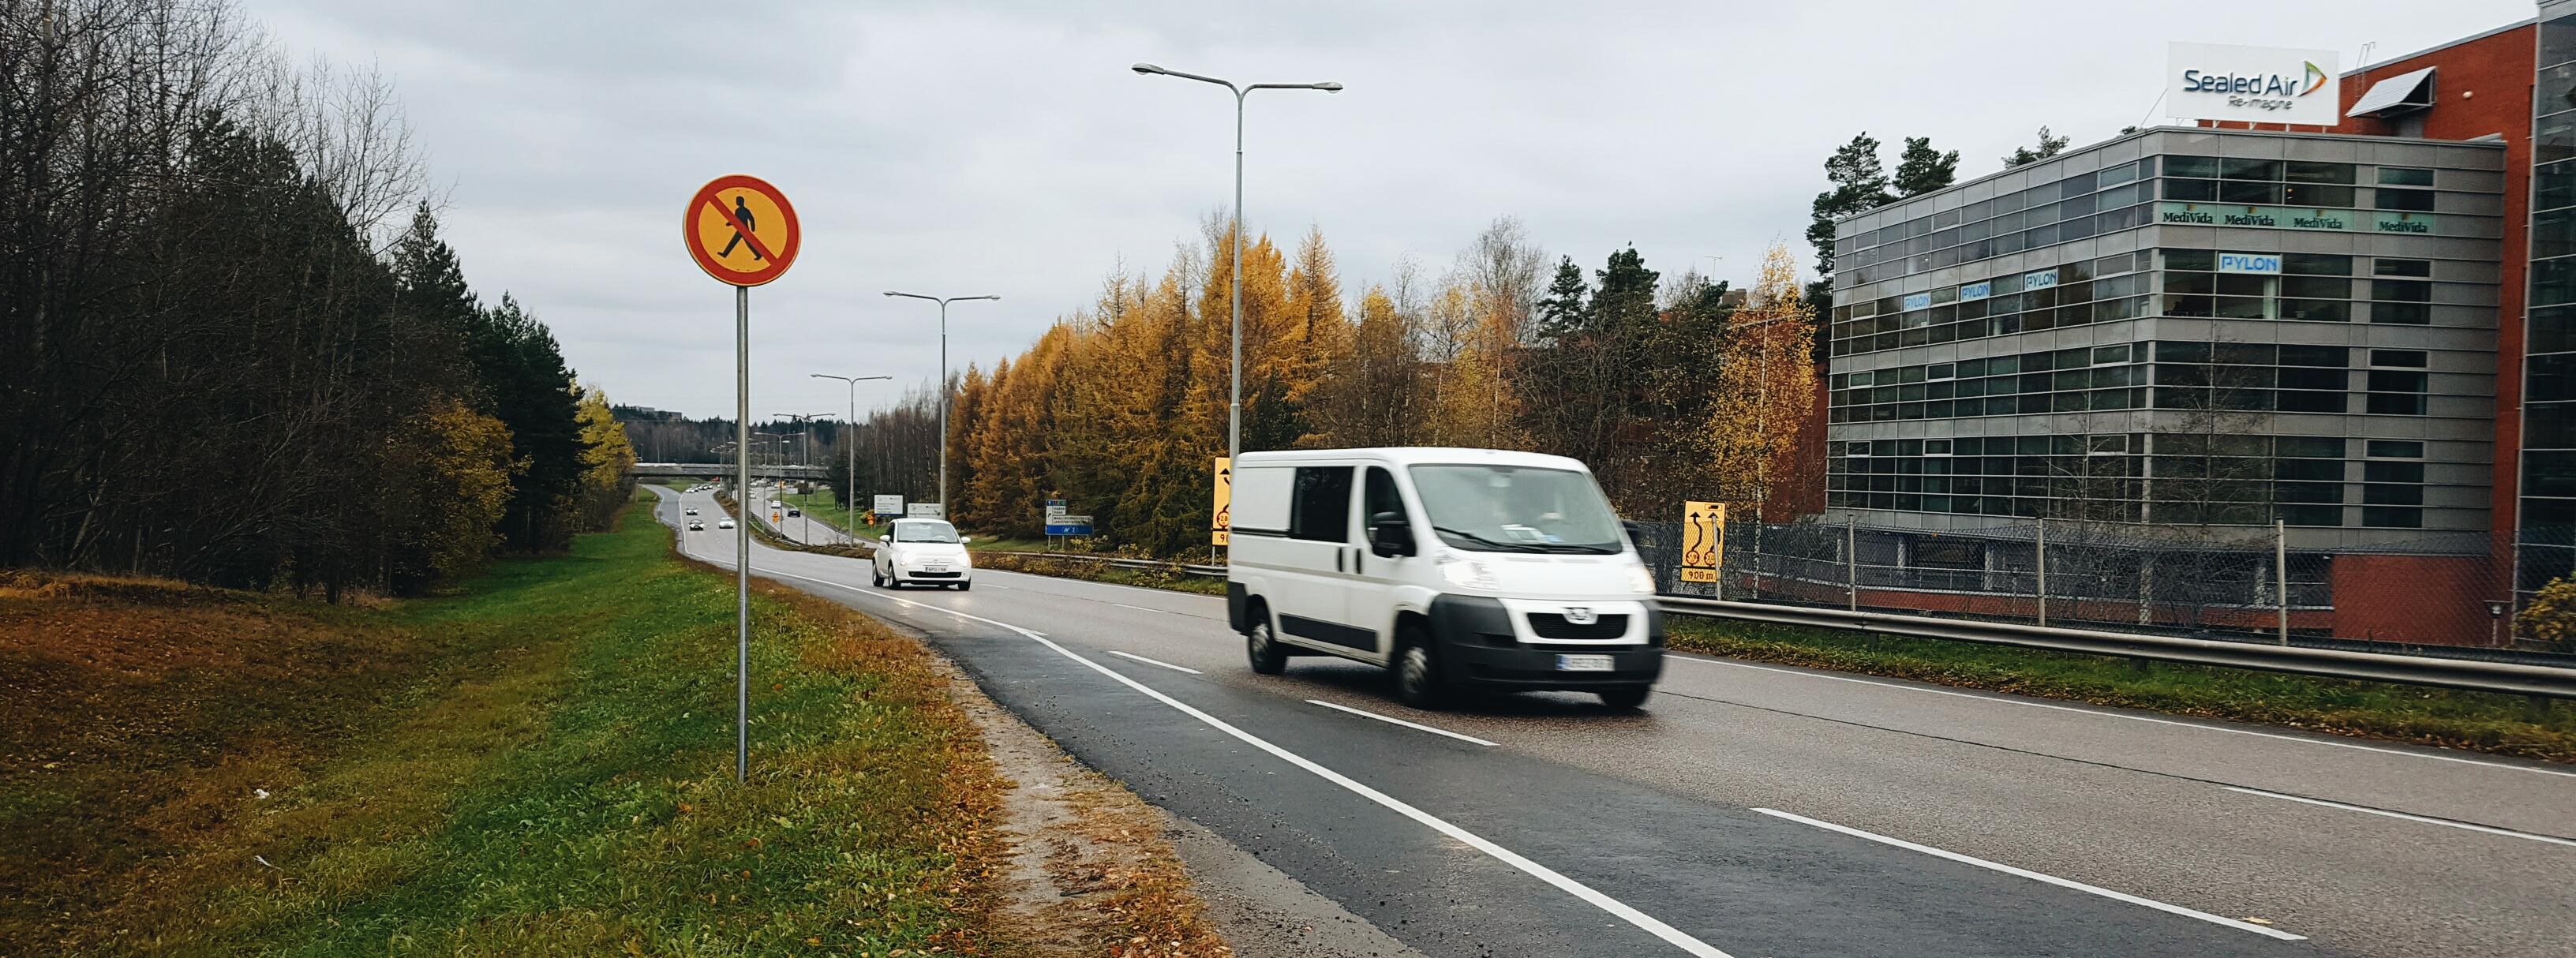 Yleiskaavan kaataminen tarkoittaa moottoritien suojelua.